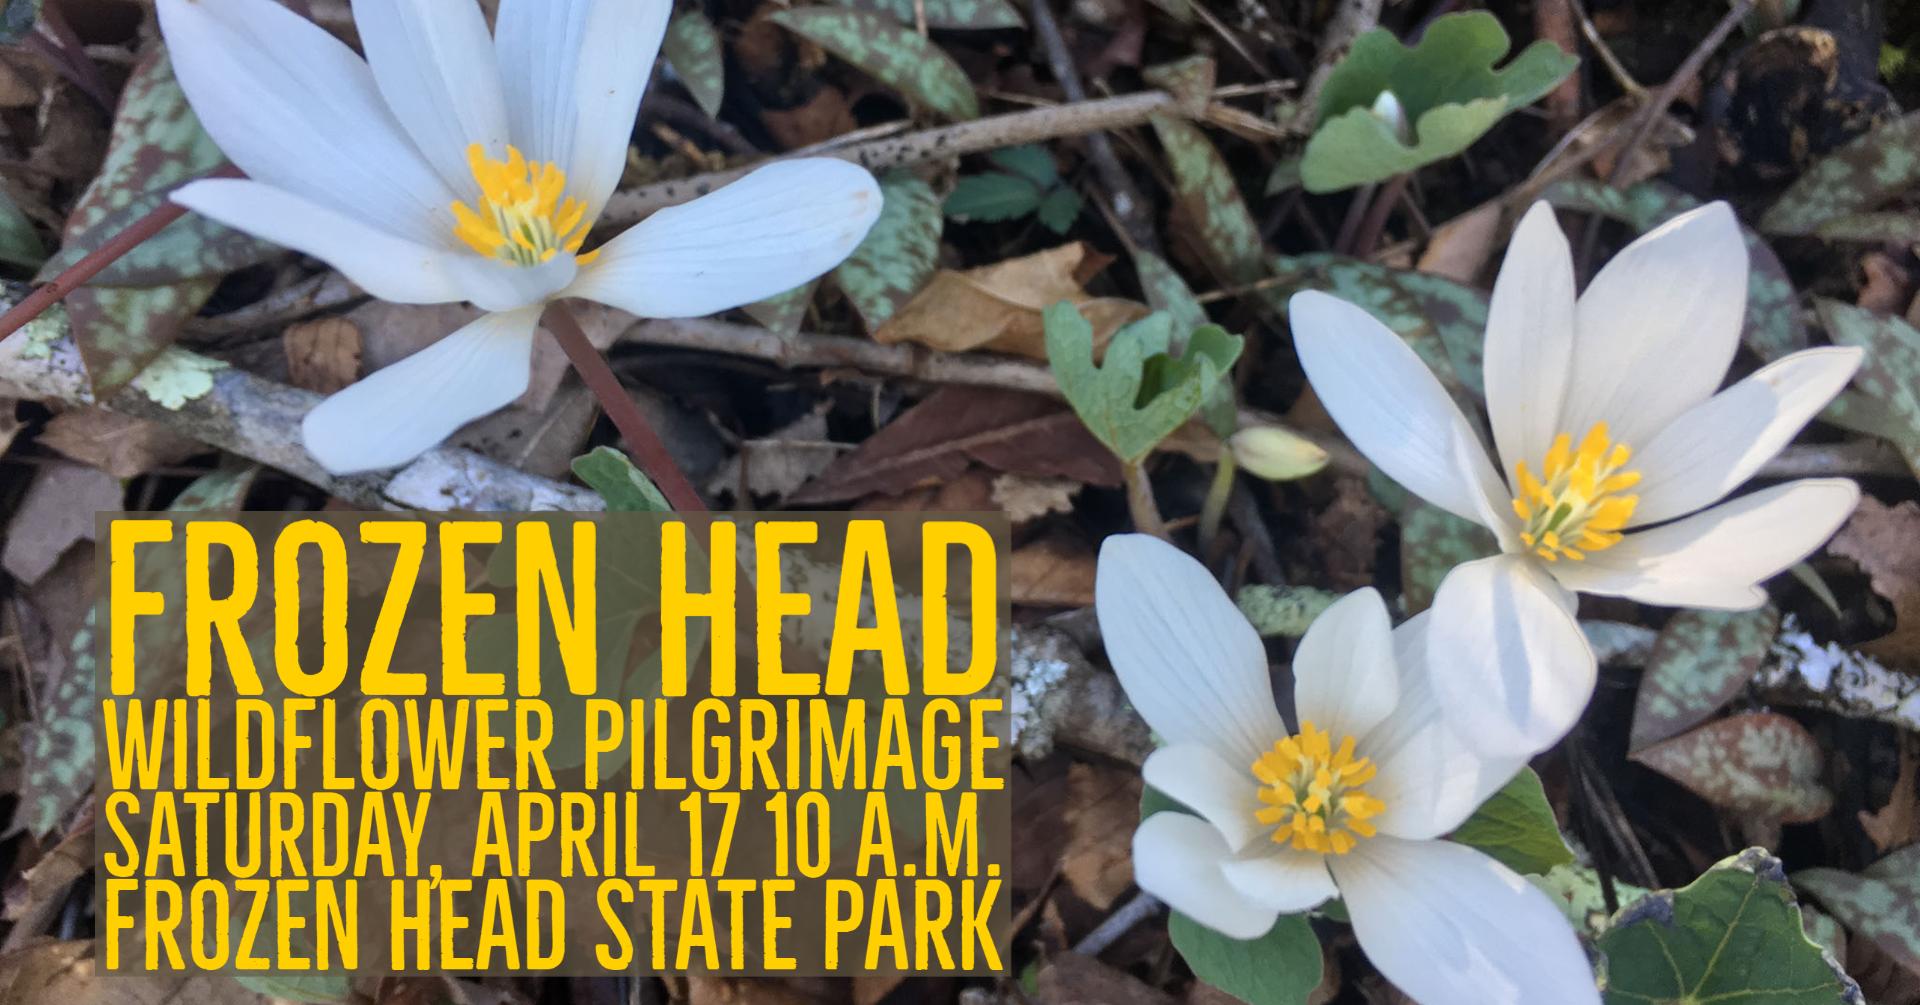 Spring Wildflower Pilgrimage at Frozen Head State Park @ Frozen Head State Park office parking lot | Wartburg | Tennessee | United States